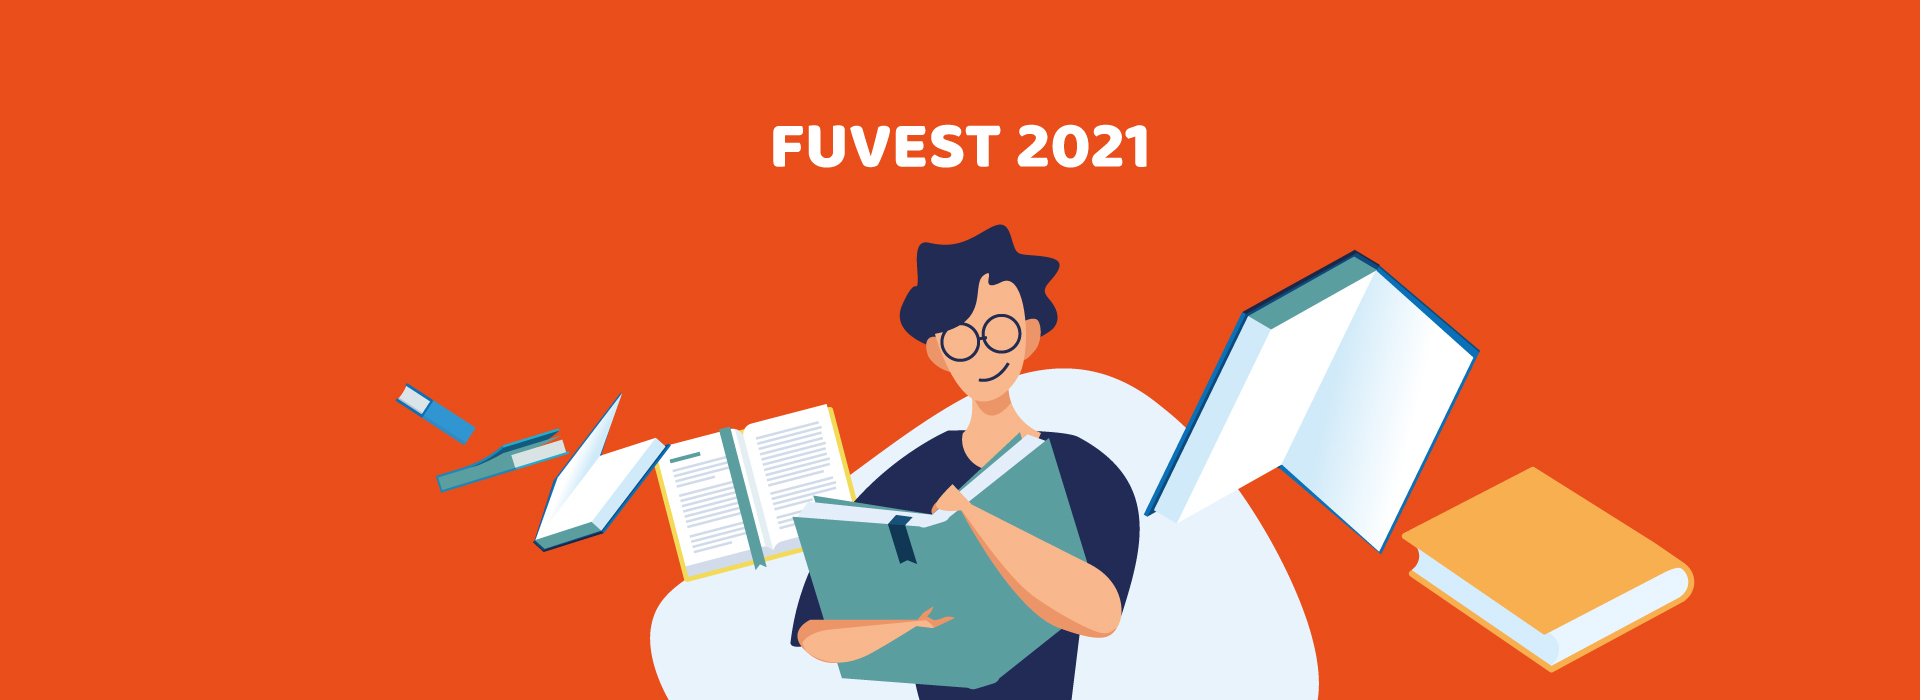 Fuvest 2021 – Número de candidatos com isenção no vestibular da Fuvest cresce em 158%